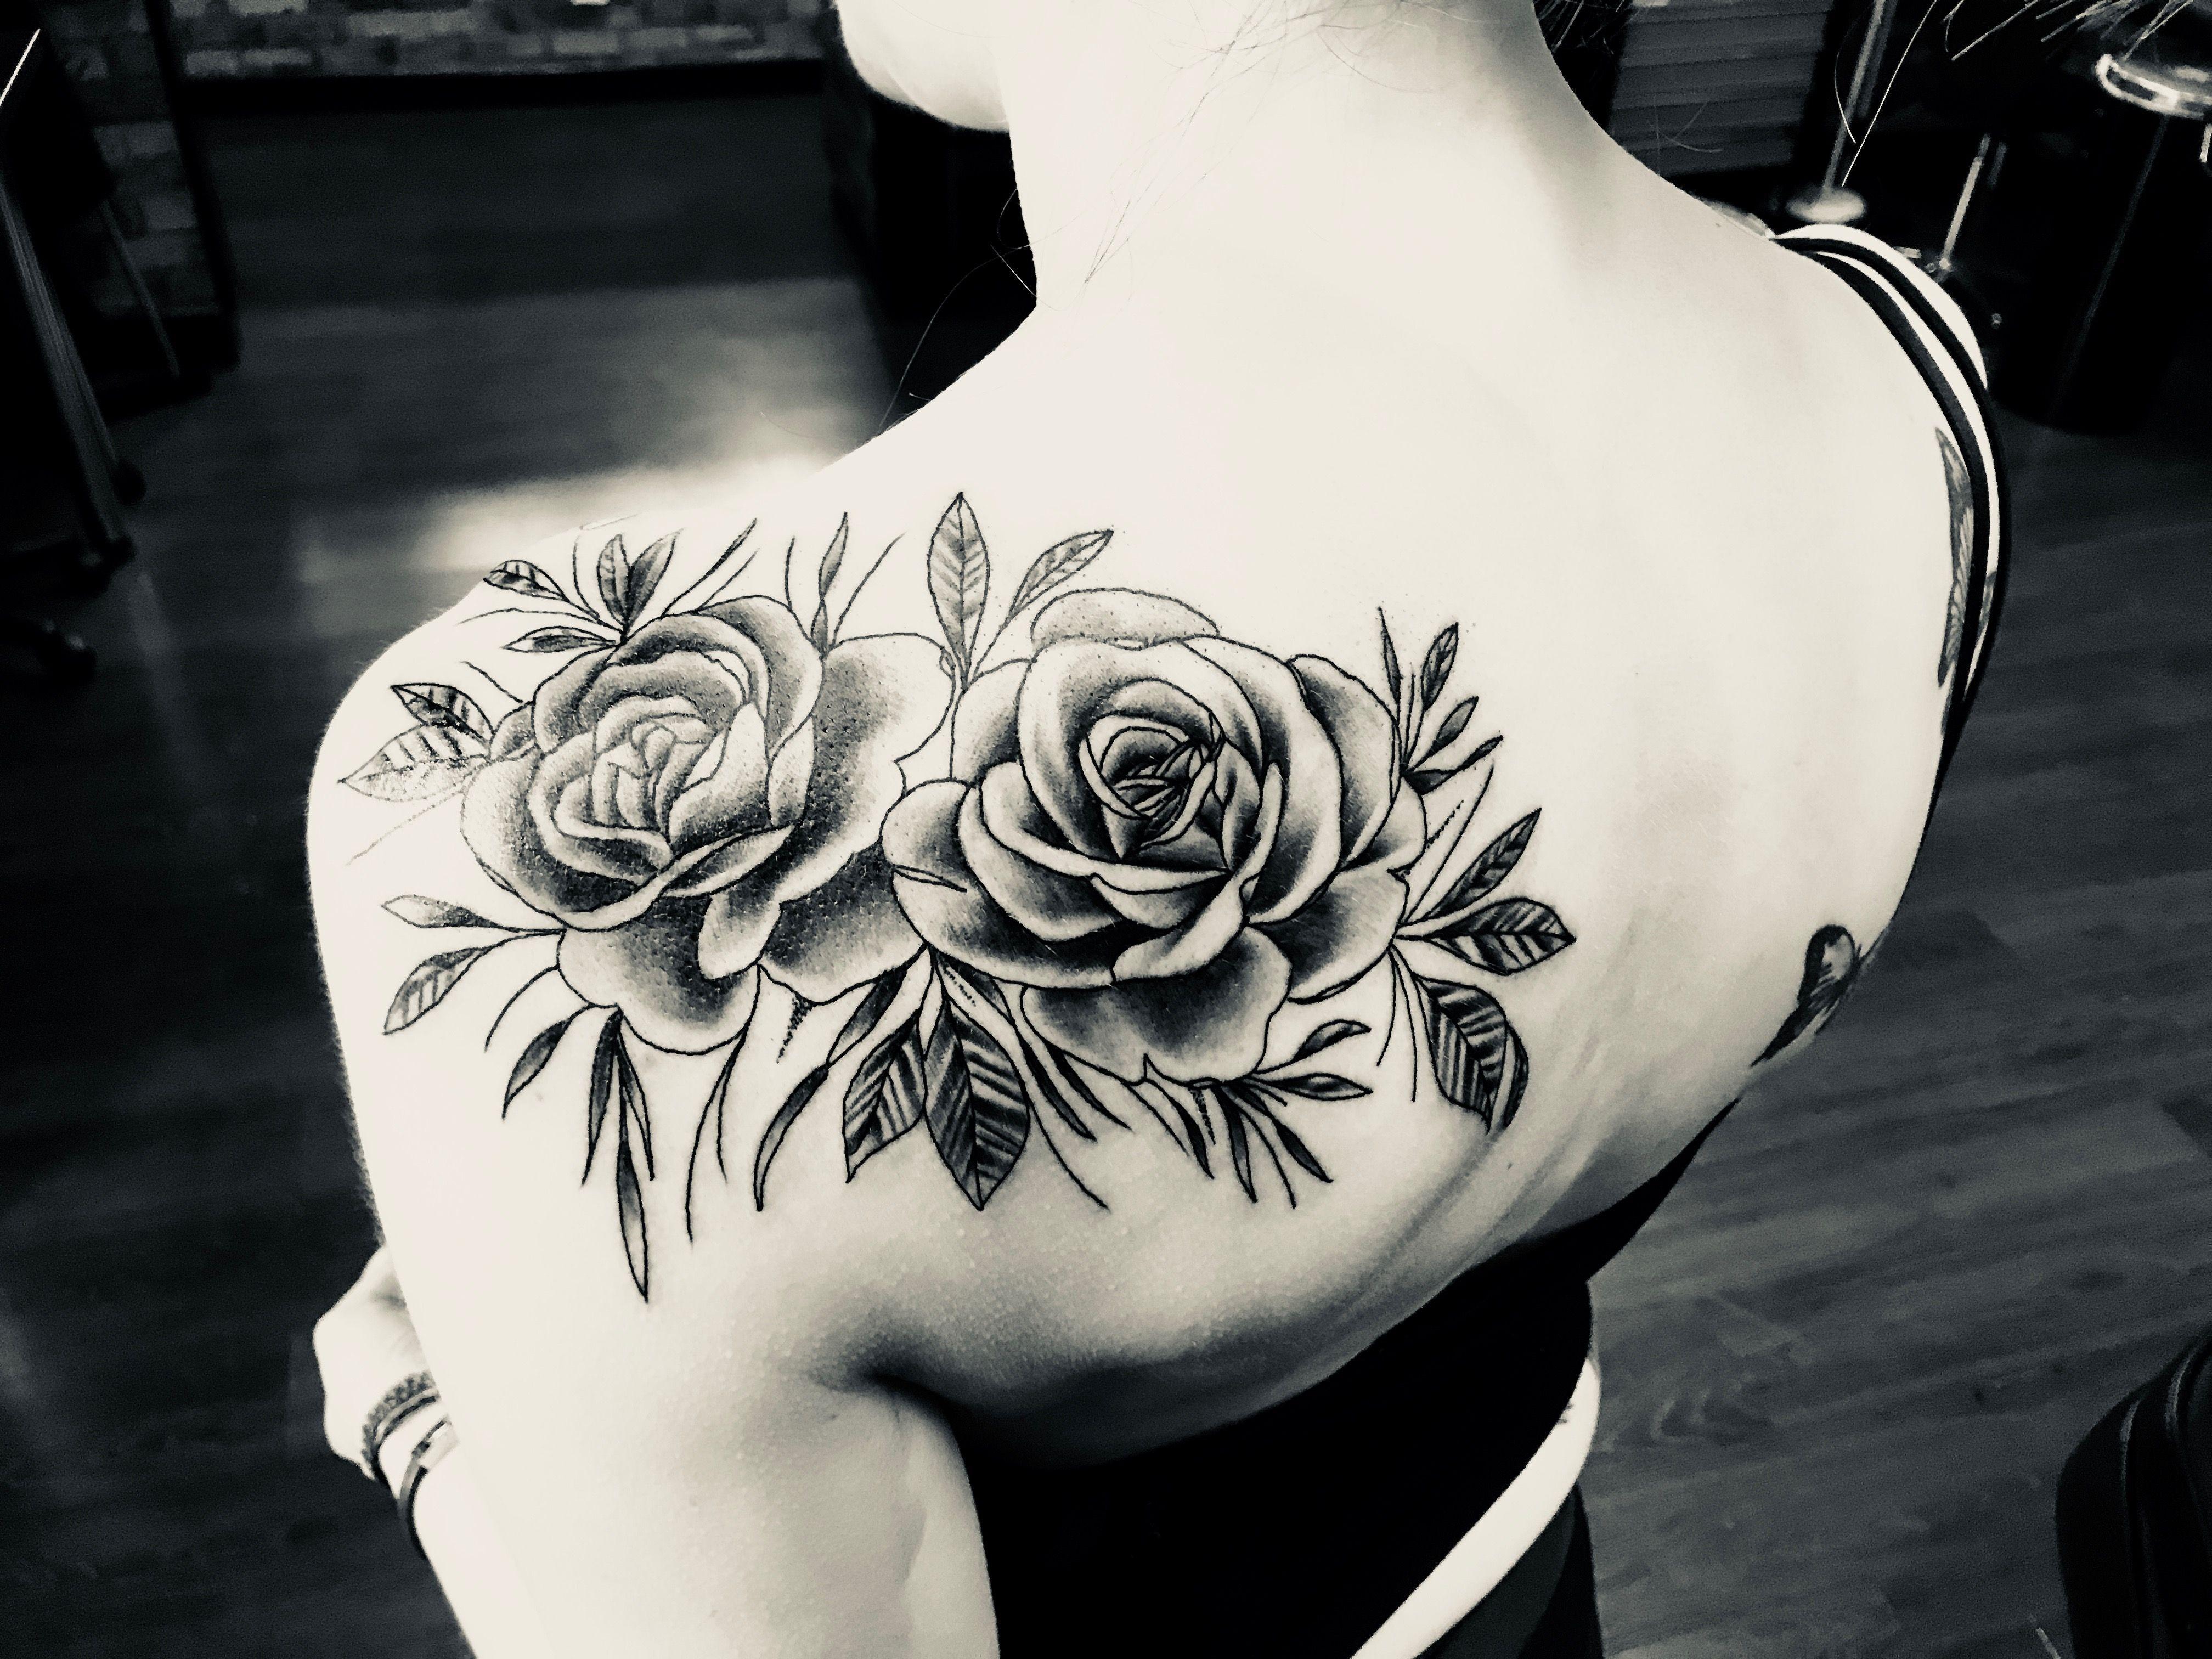 Rose Shoulder Tattoo In Black Shading Roseshouldertattoos Rose Shoulder Tattoo Floral Tattoo Shoulder Shoulder Tattoos For Women